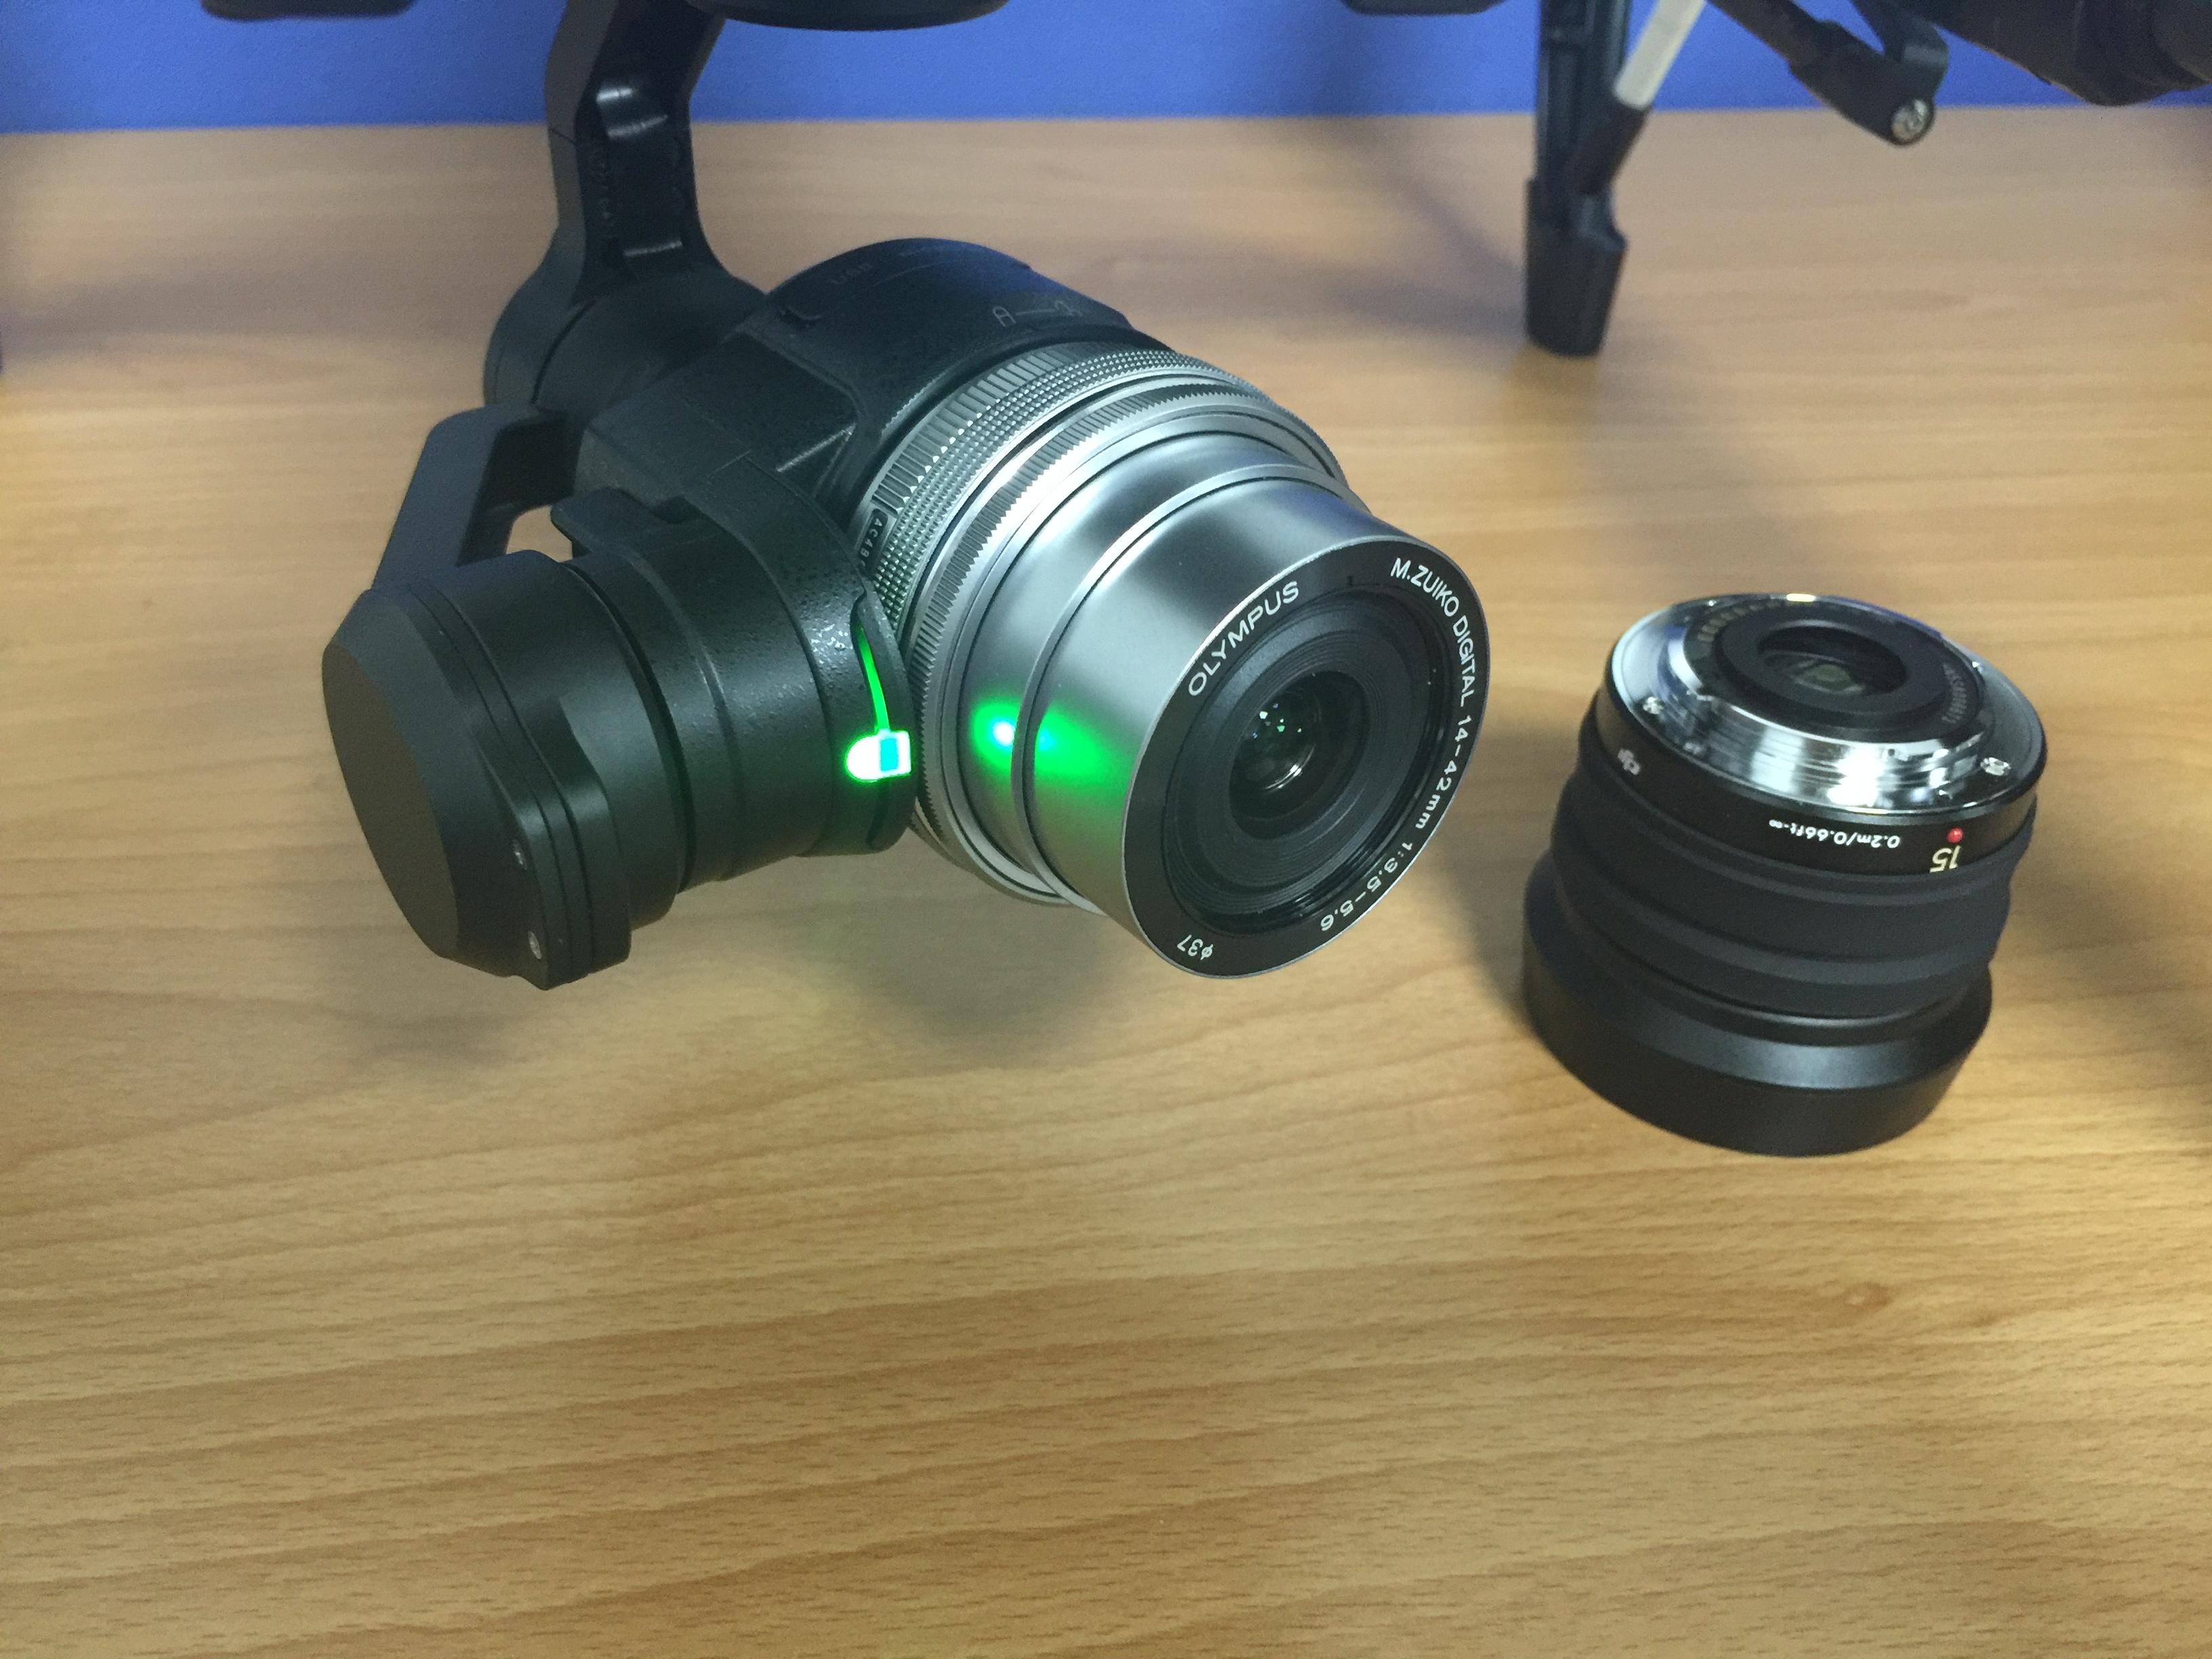 安装后镜头会自动伸出,但是断电后收不回来